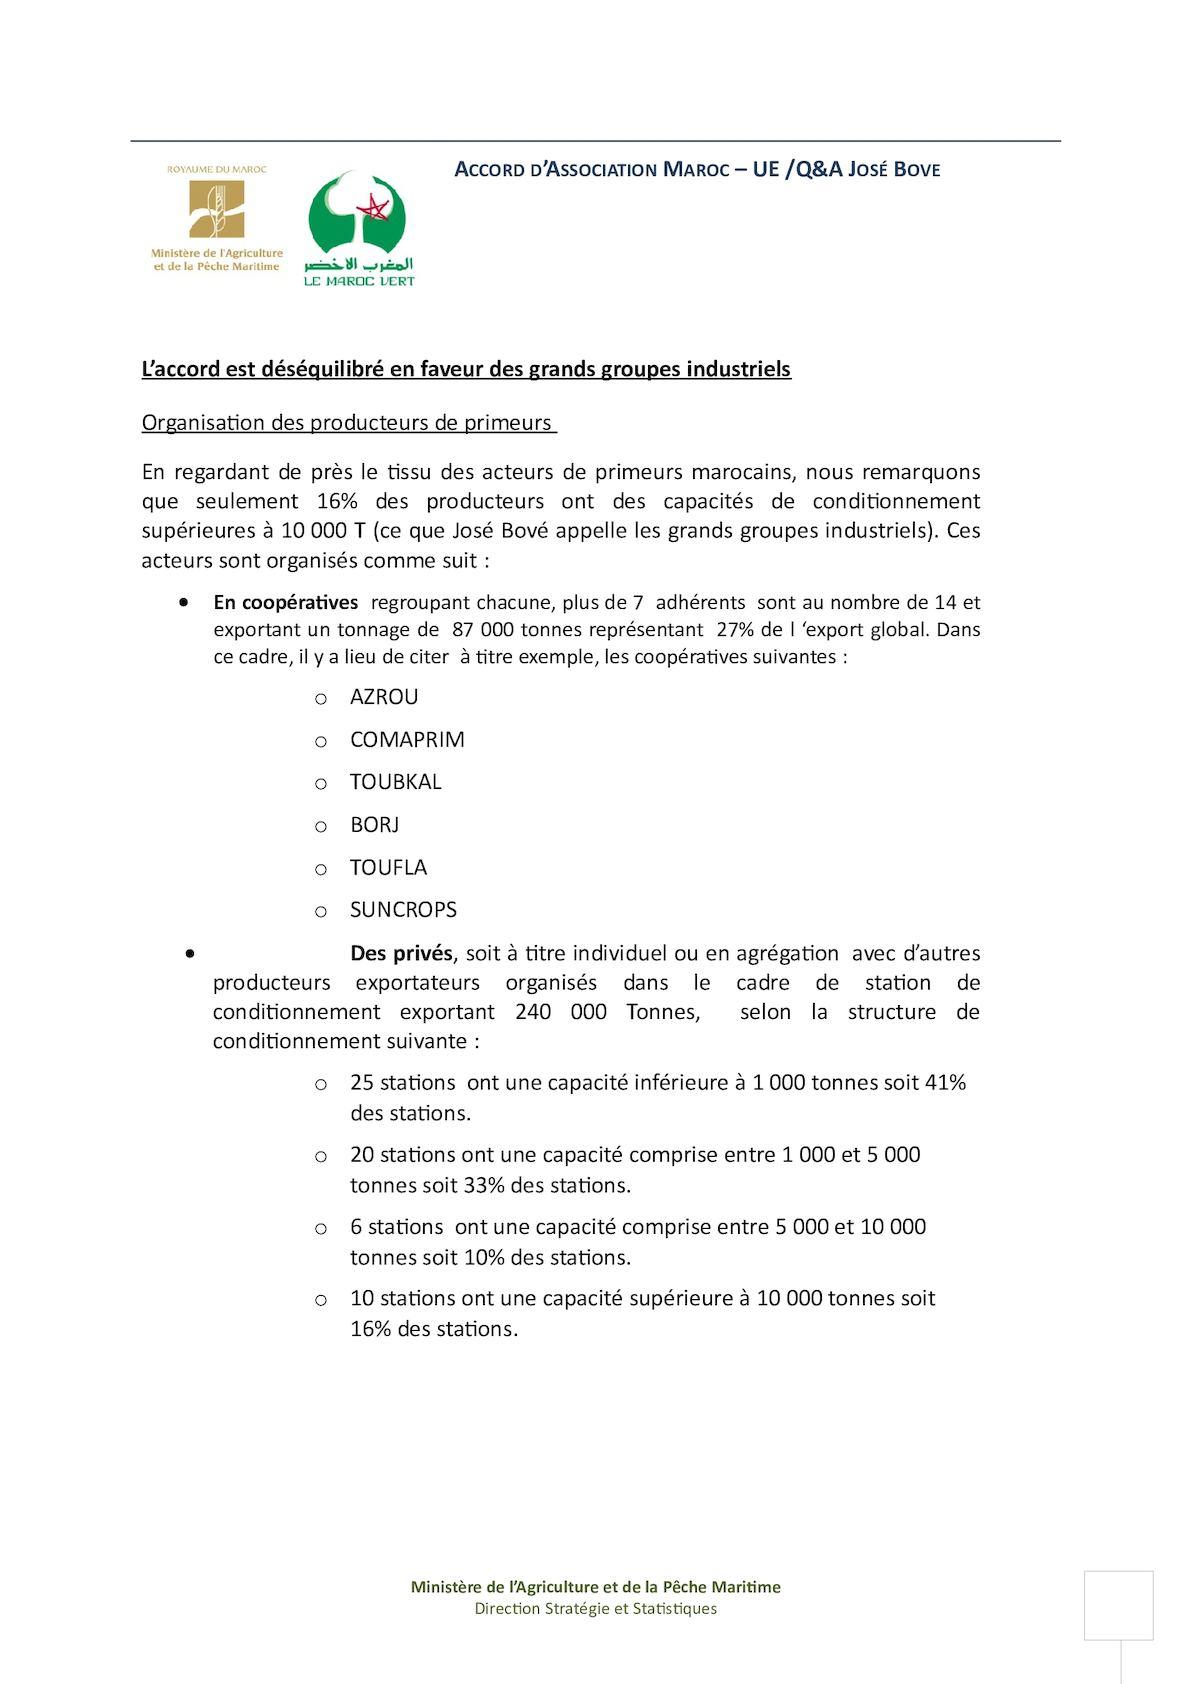 Mapm Argumentaire Accord Agricole Q&a José Bové